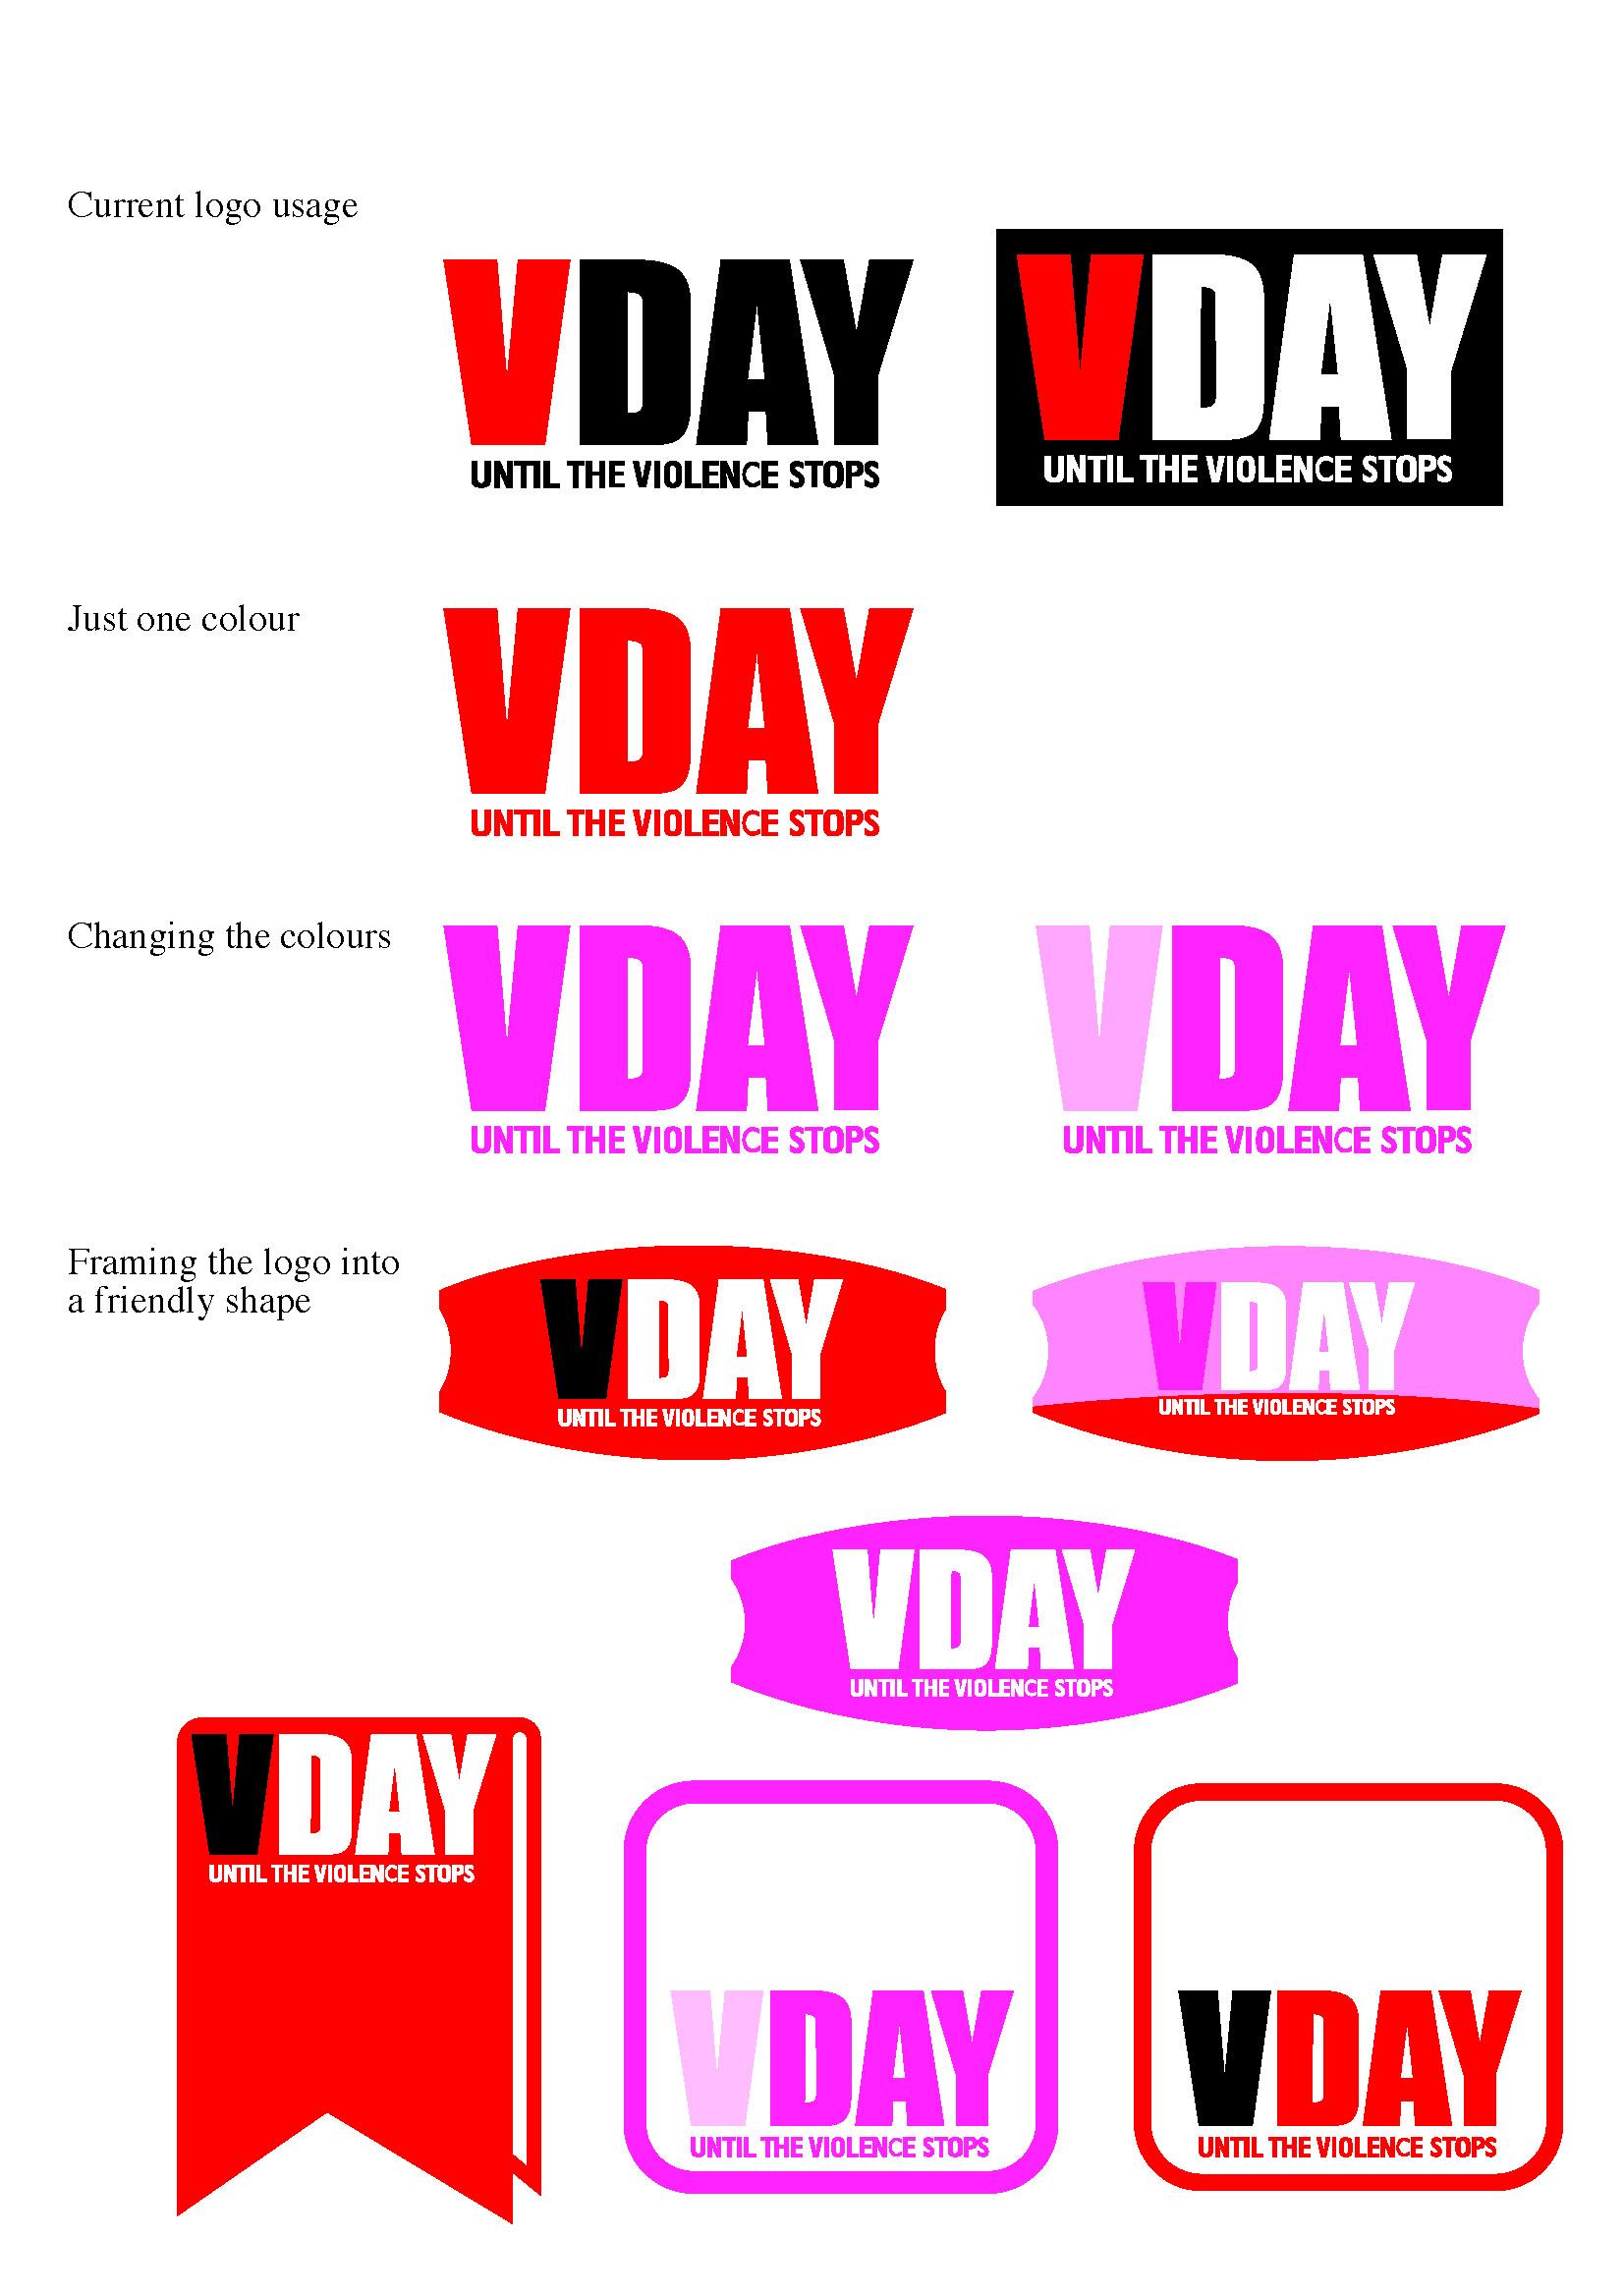 vday rebranding